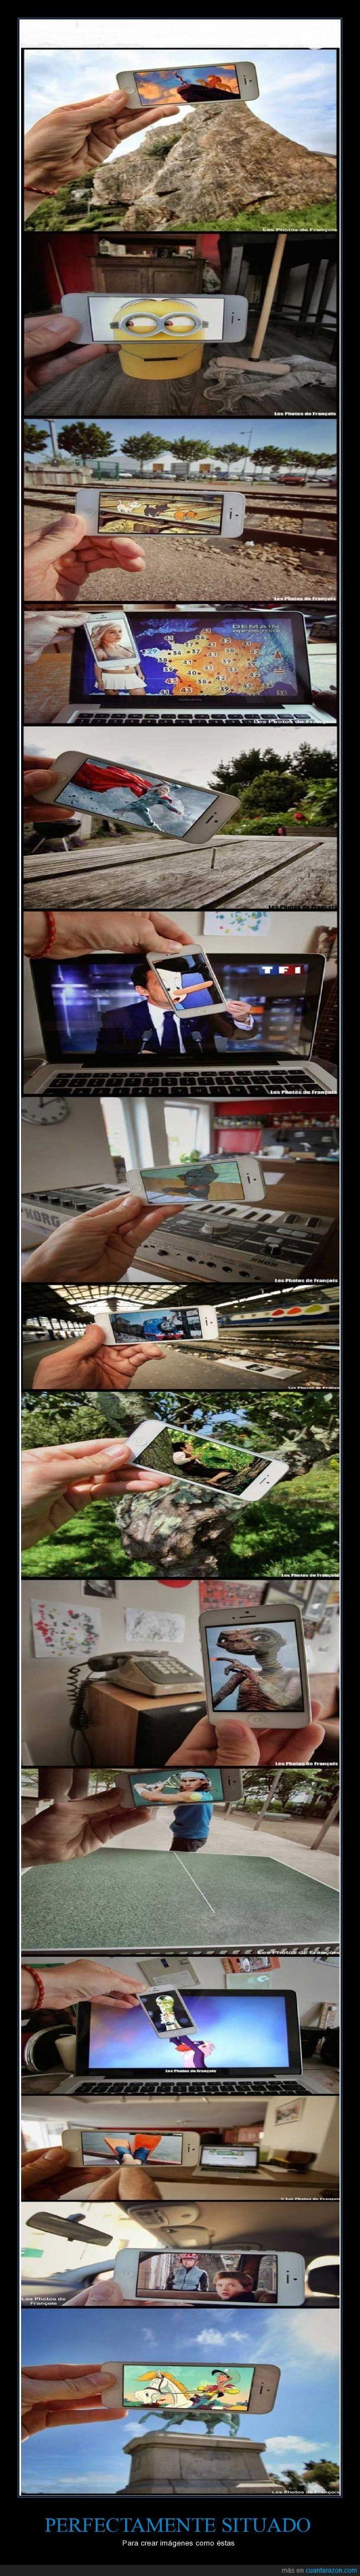 Smartphone + realidad - Para crear imágenes como éstas